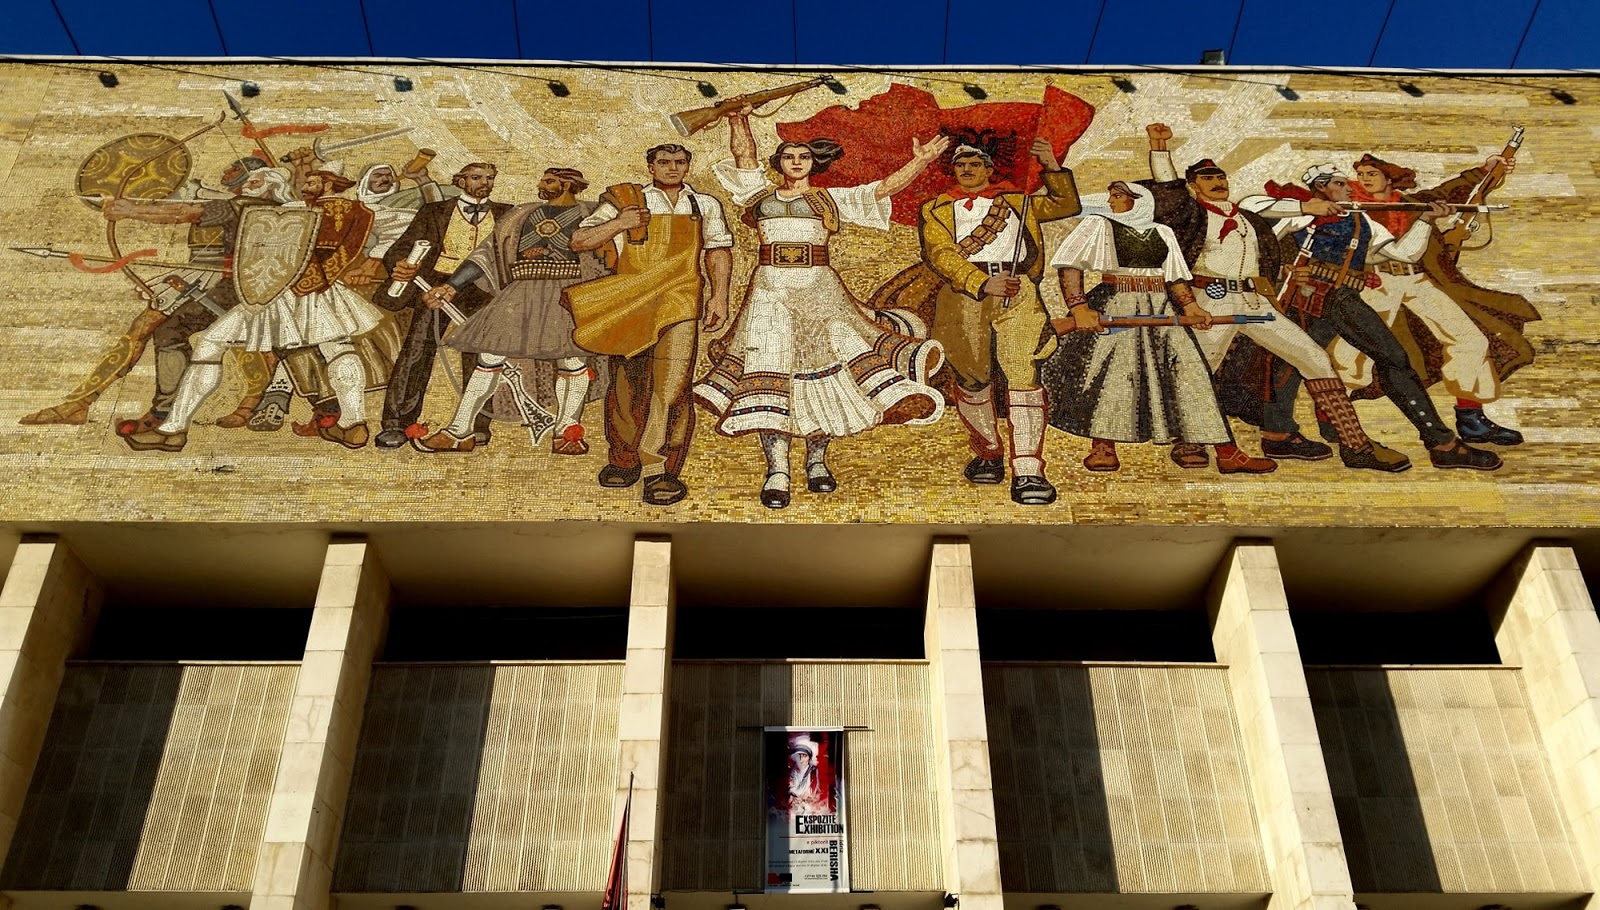 تعلم التاريخ الألباني في المتحف الوطني